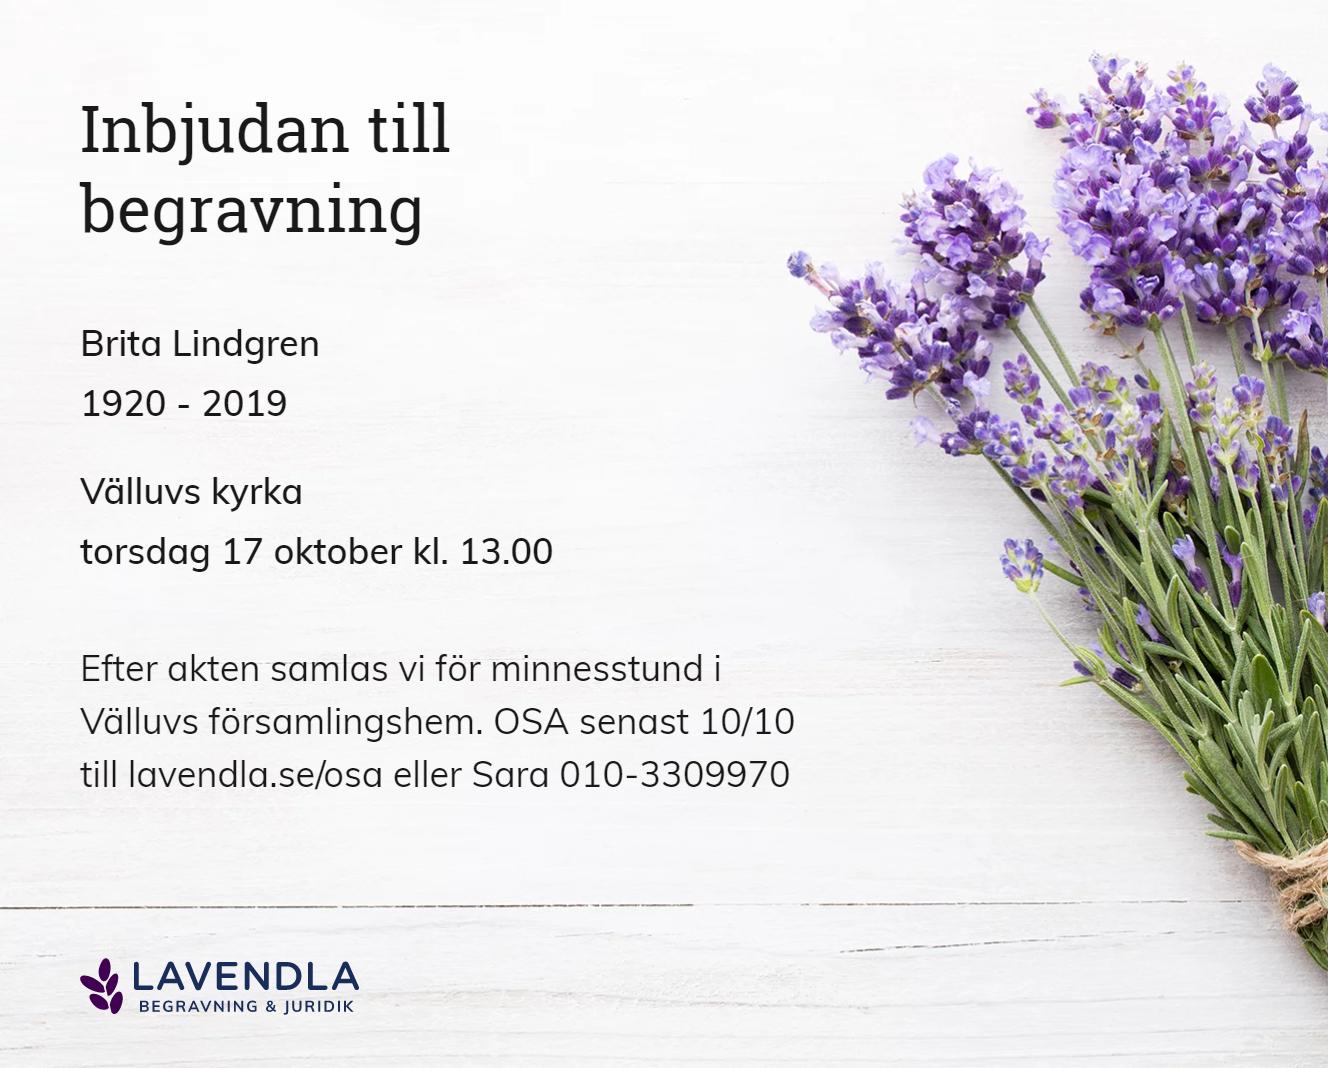 Inbjudningskort till ceremonin för Brita Lindgren